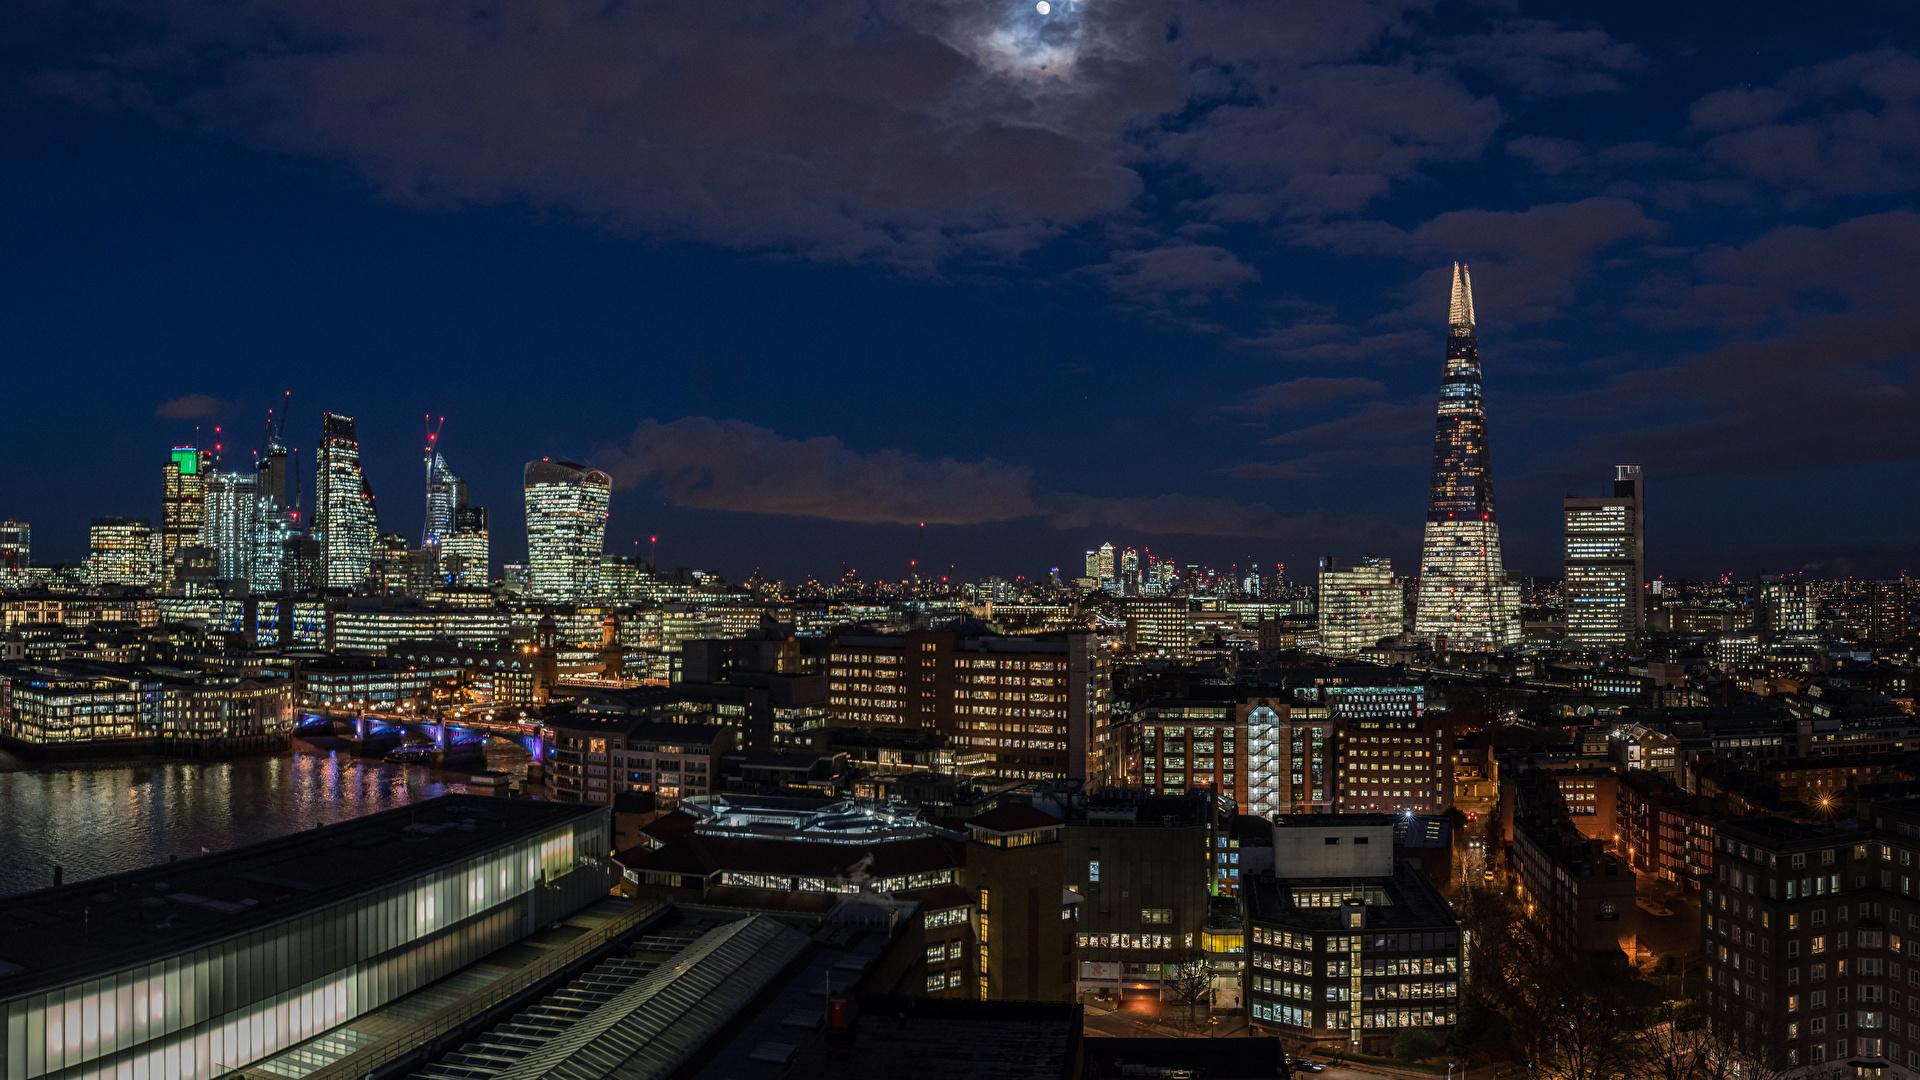 Обои для рабочего стола Лондон Англия луны Небо Ночь Дома город 1920x1080 лондоне Луна луной ночью в ночи Ночные Города Здания